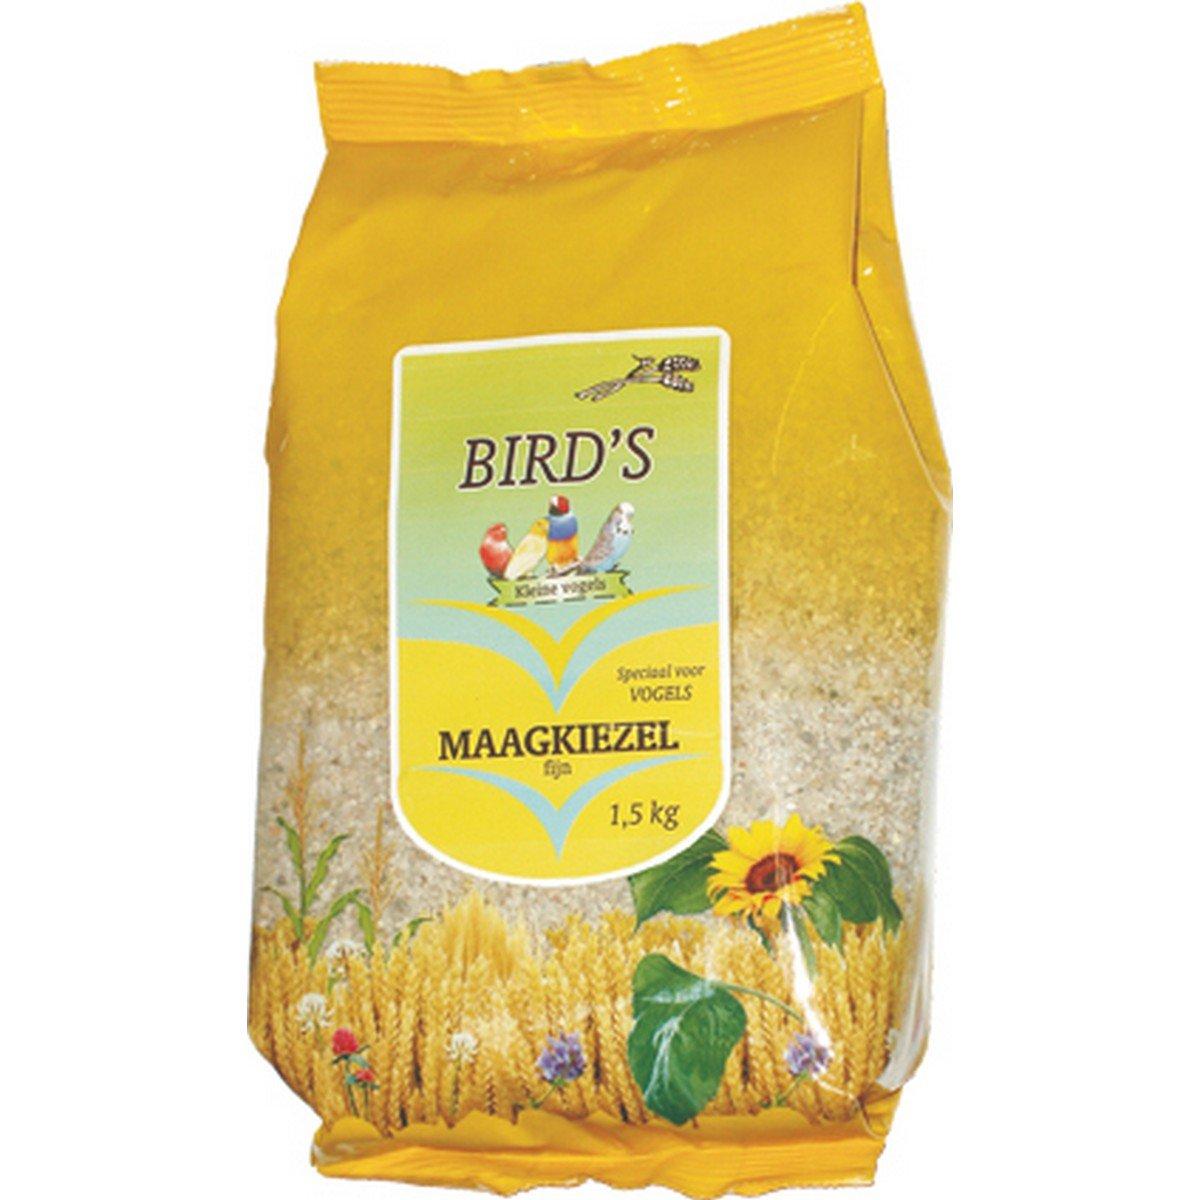 Afbeelding van Birds Maagkiezel 1,5kg Fijn